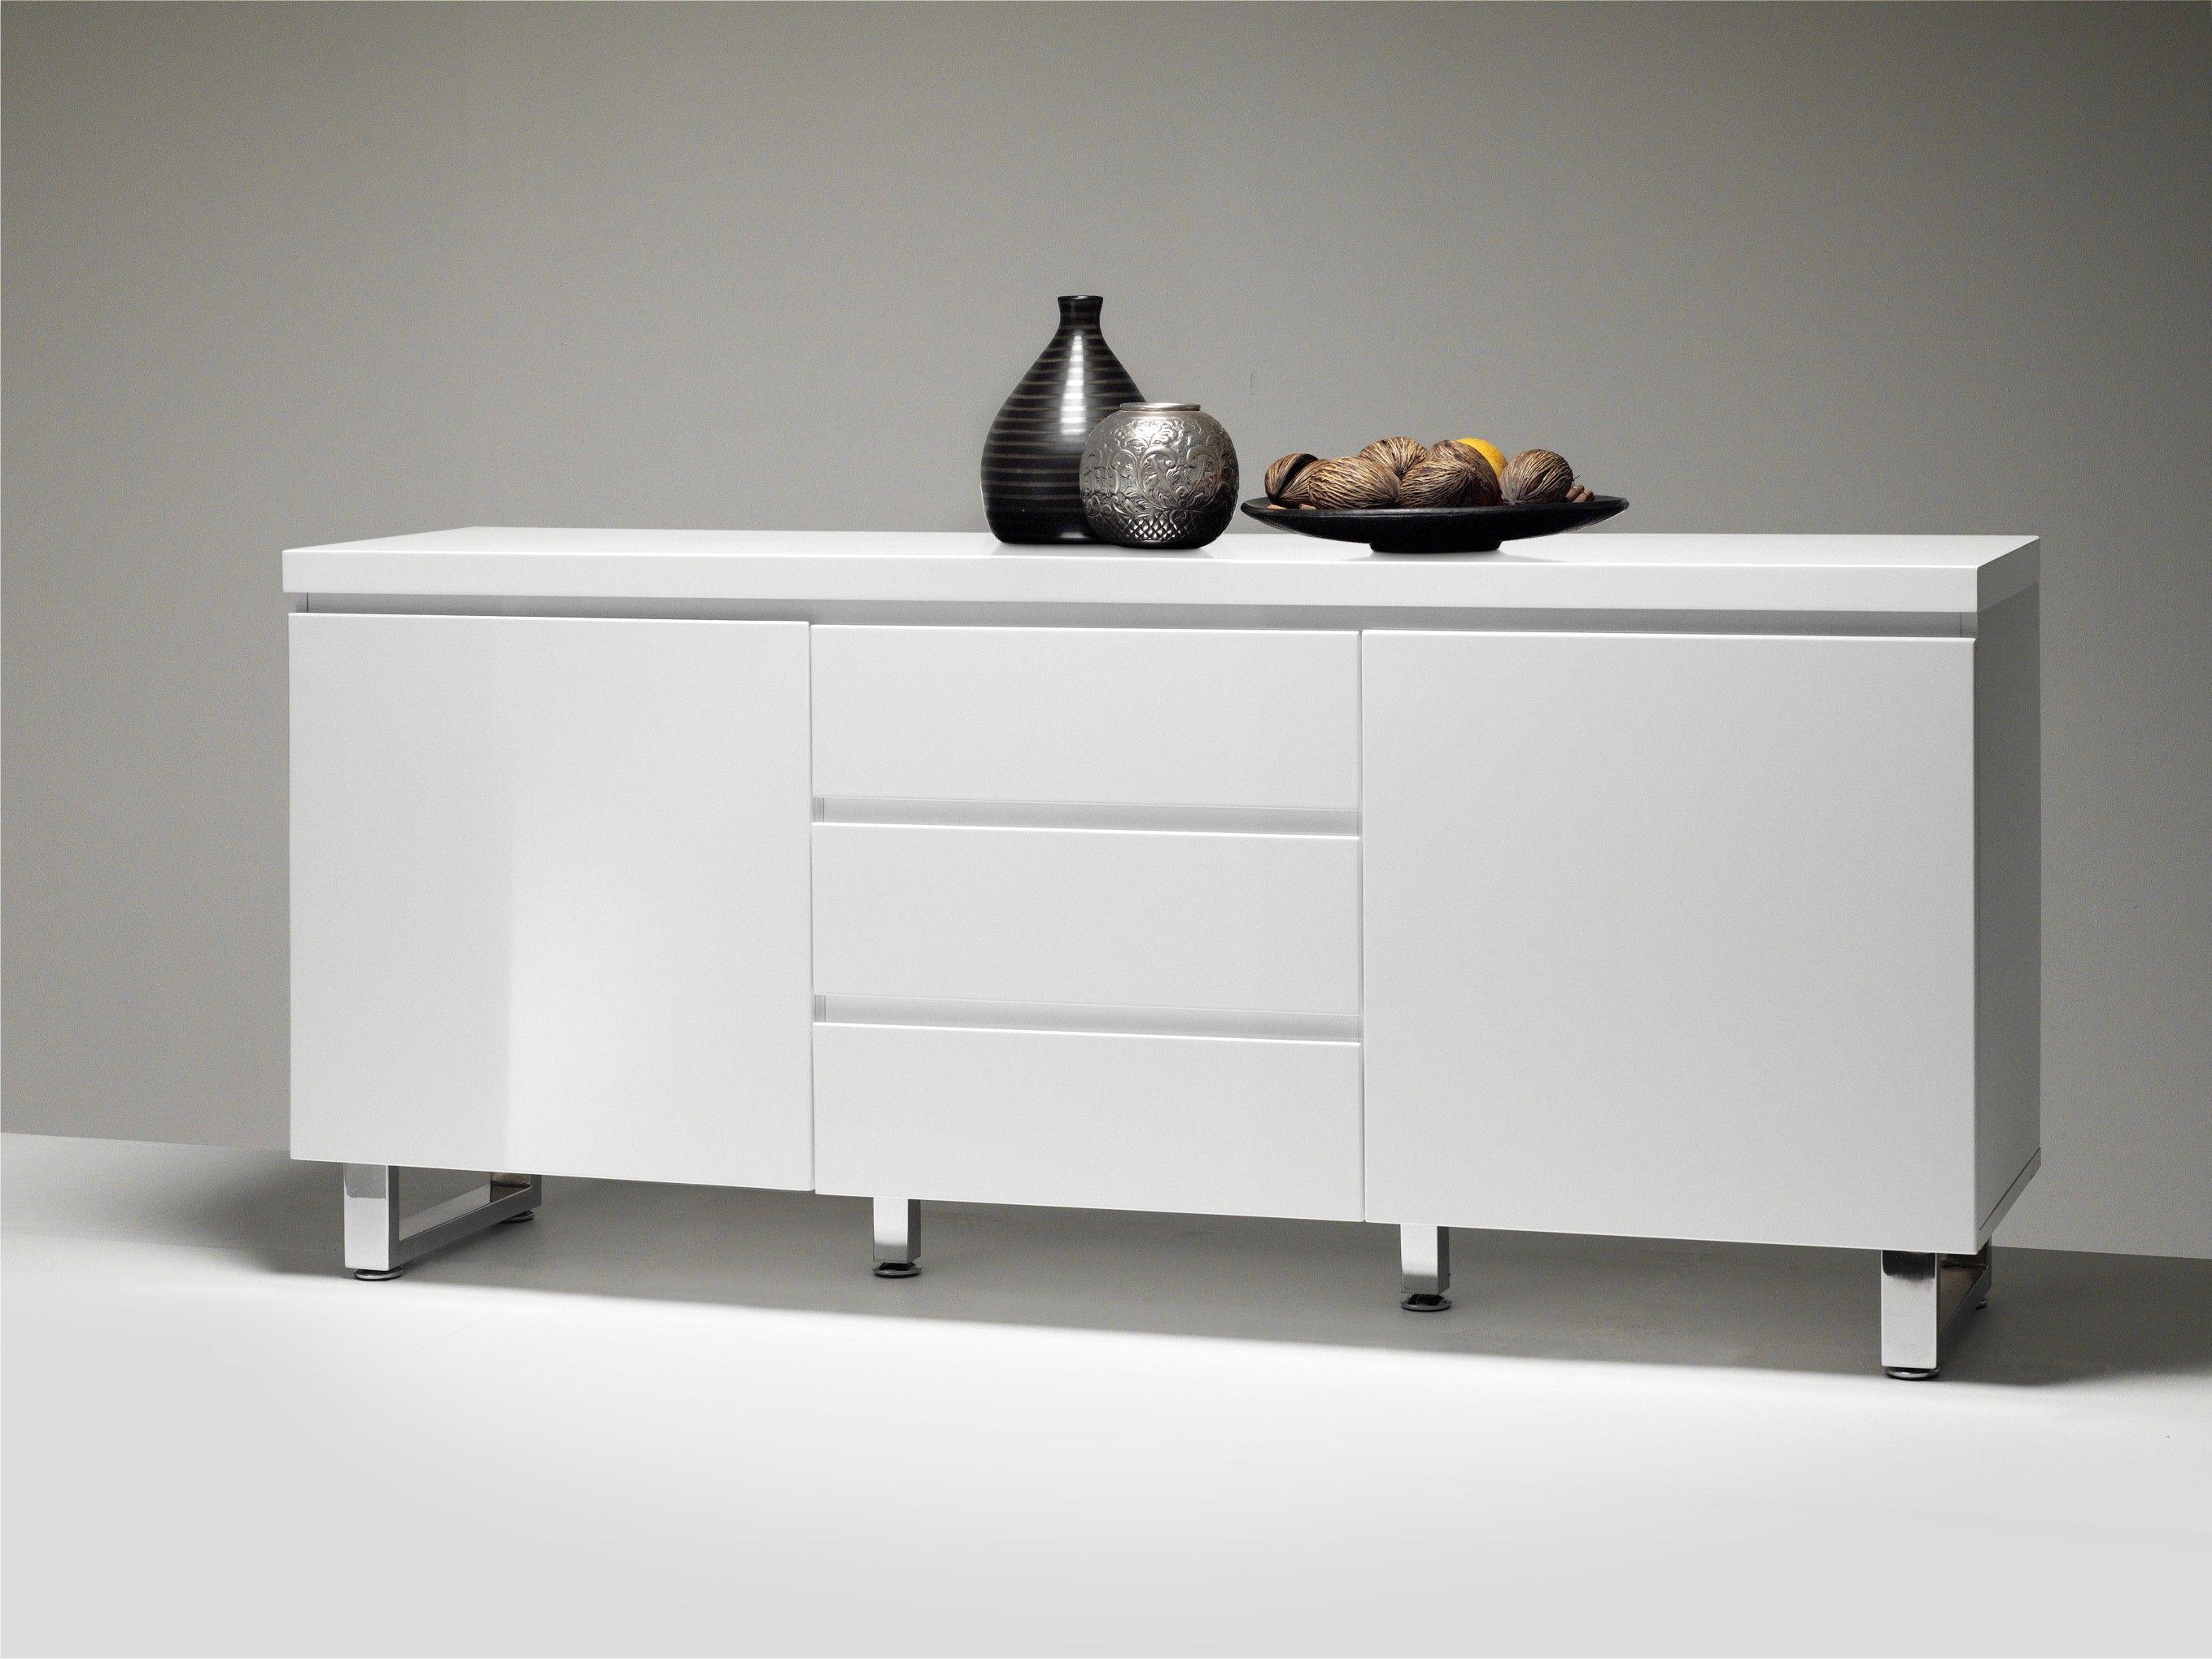 Sideboard Oliver II Zeitlos moderne Möbelkollektion Oliver in Hochglanz Weiß. Passt immer und überall. 1 x Sideboard mit 3 Schubkästen 2 Türen und 2 Einlegeböden...